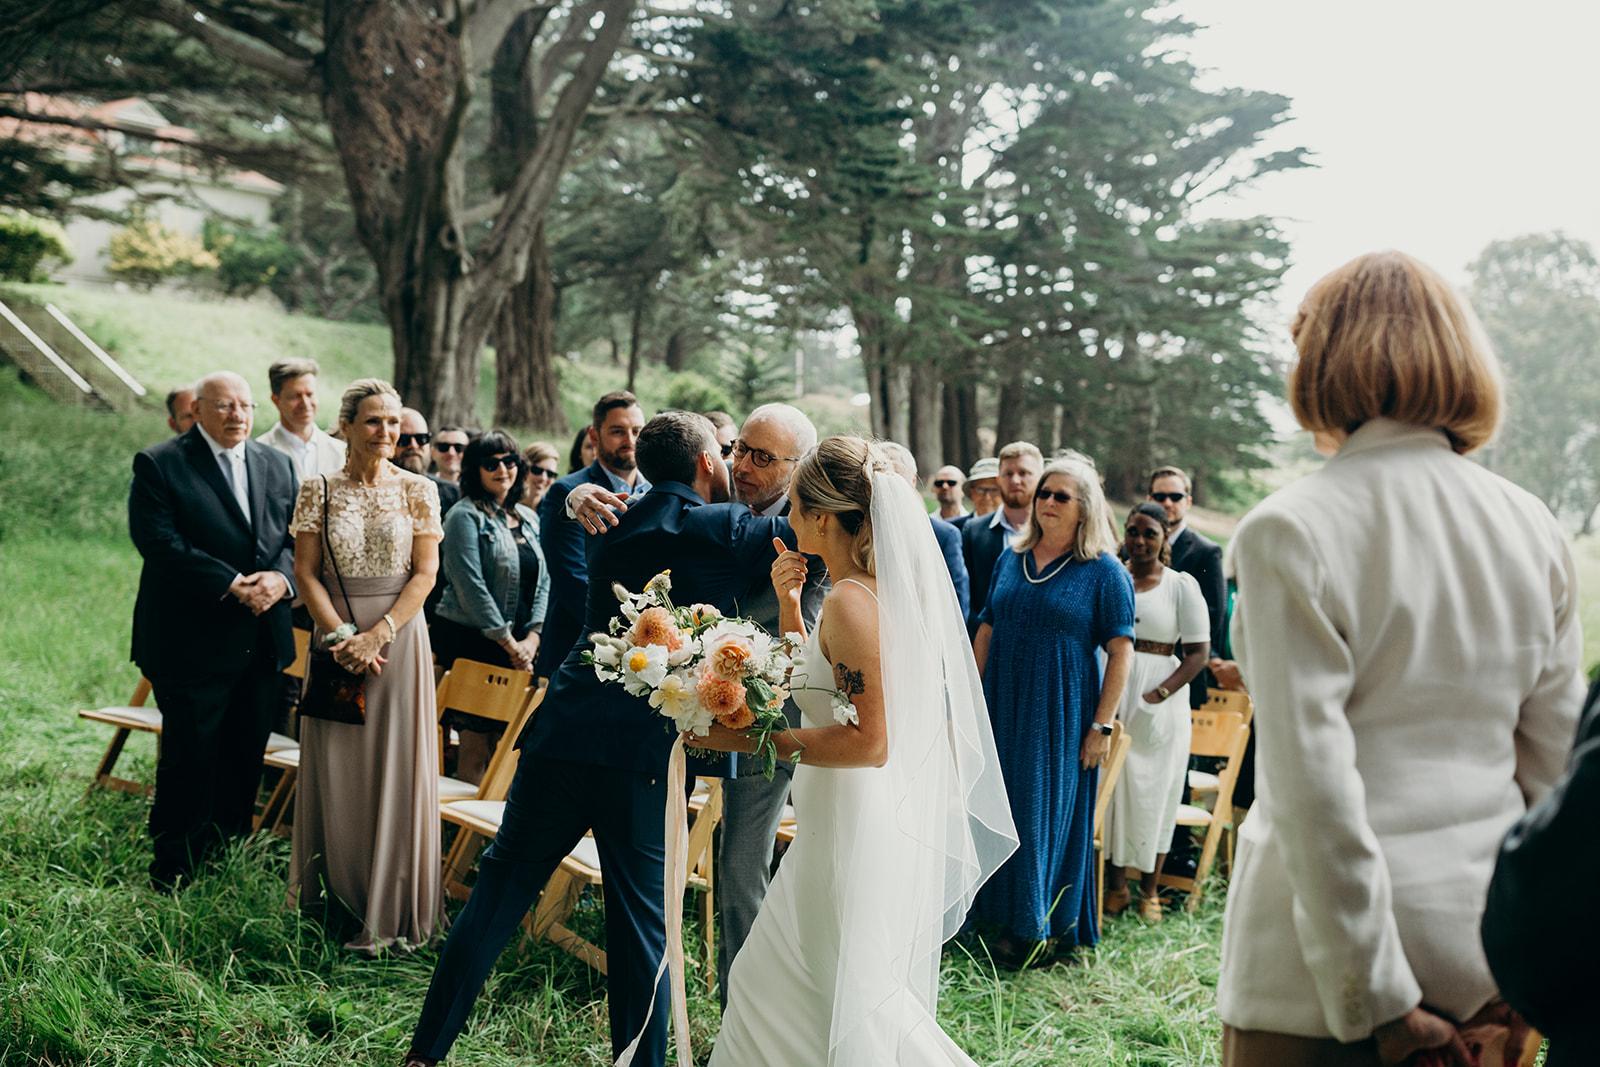 Whitney-Lauren-Headlands-Center-for-The-Arts-Wedding-628.jpg